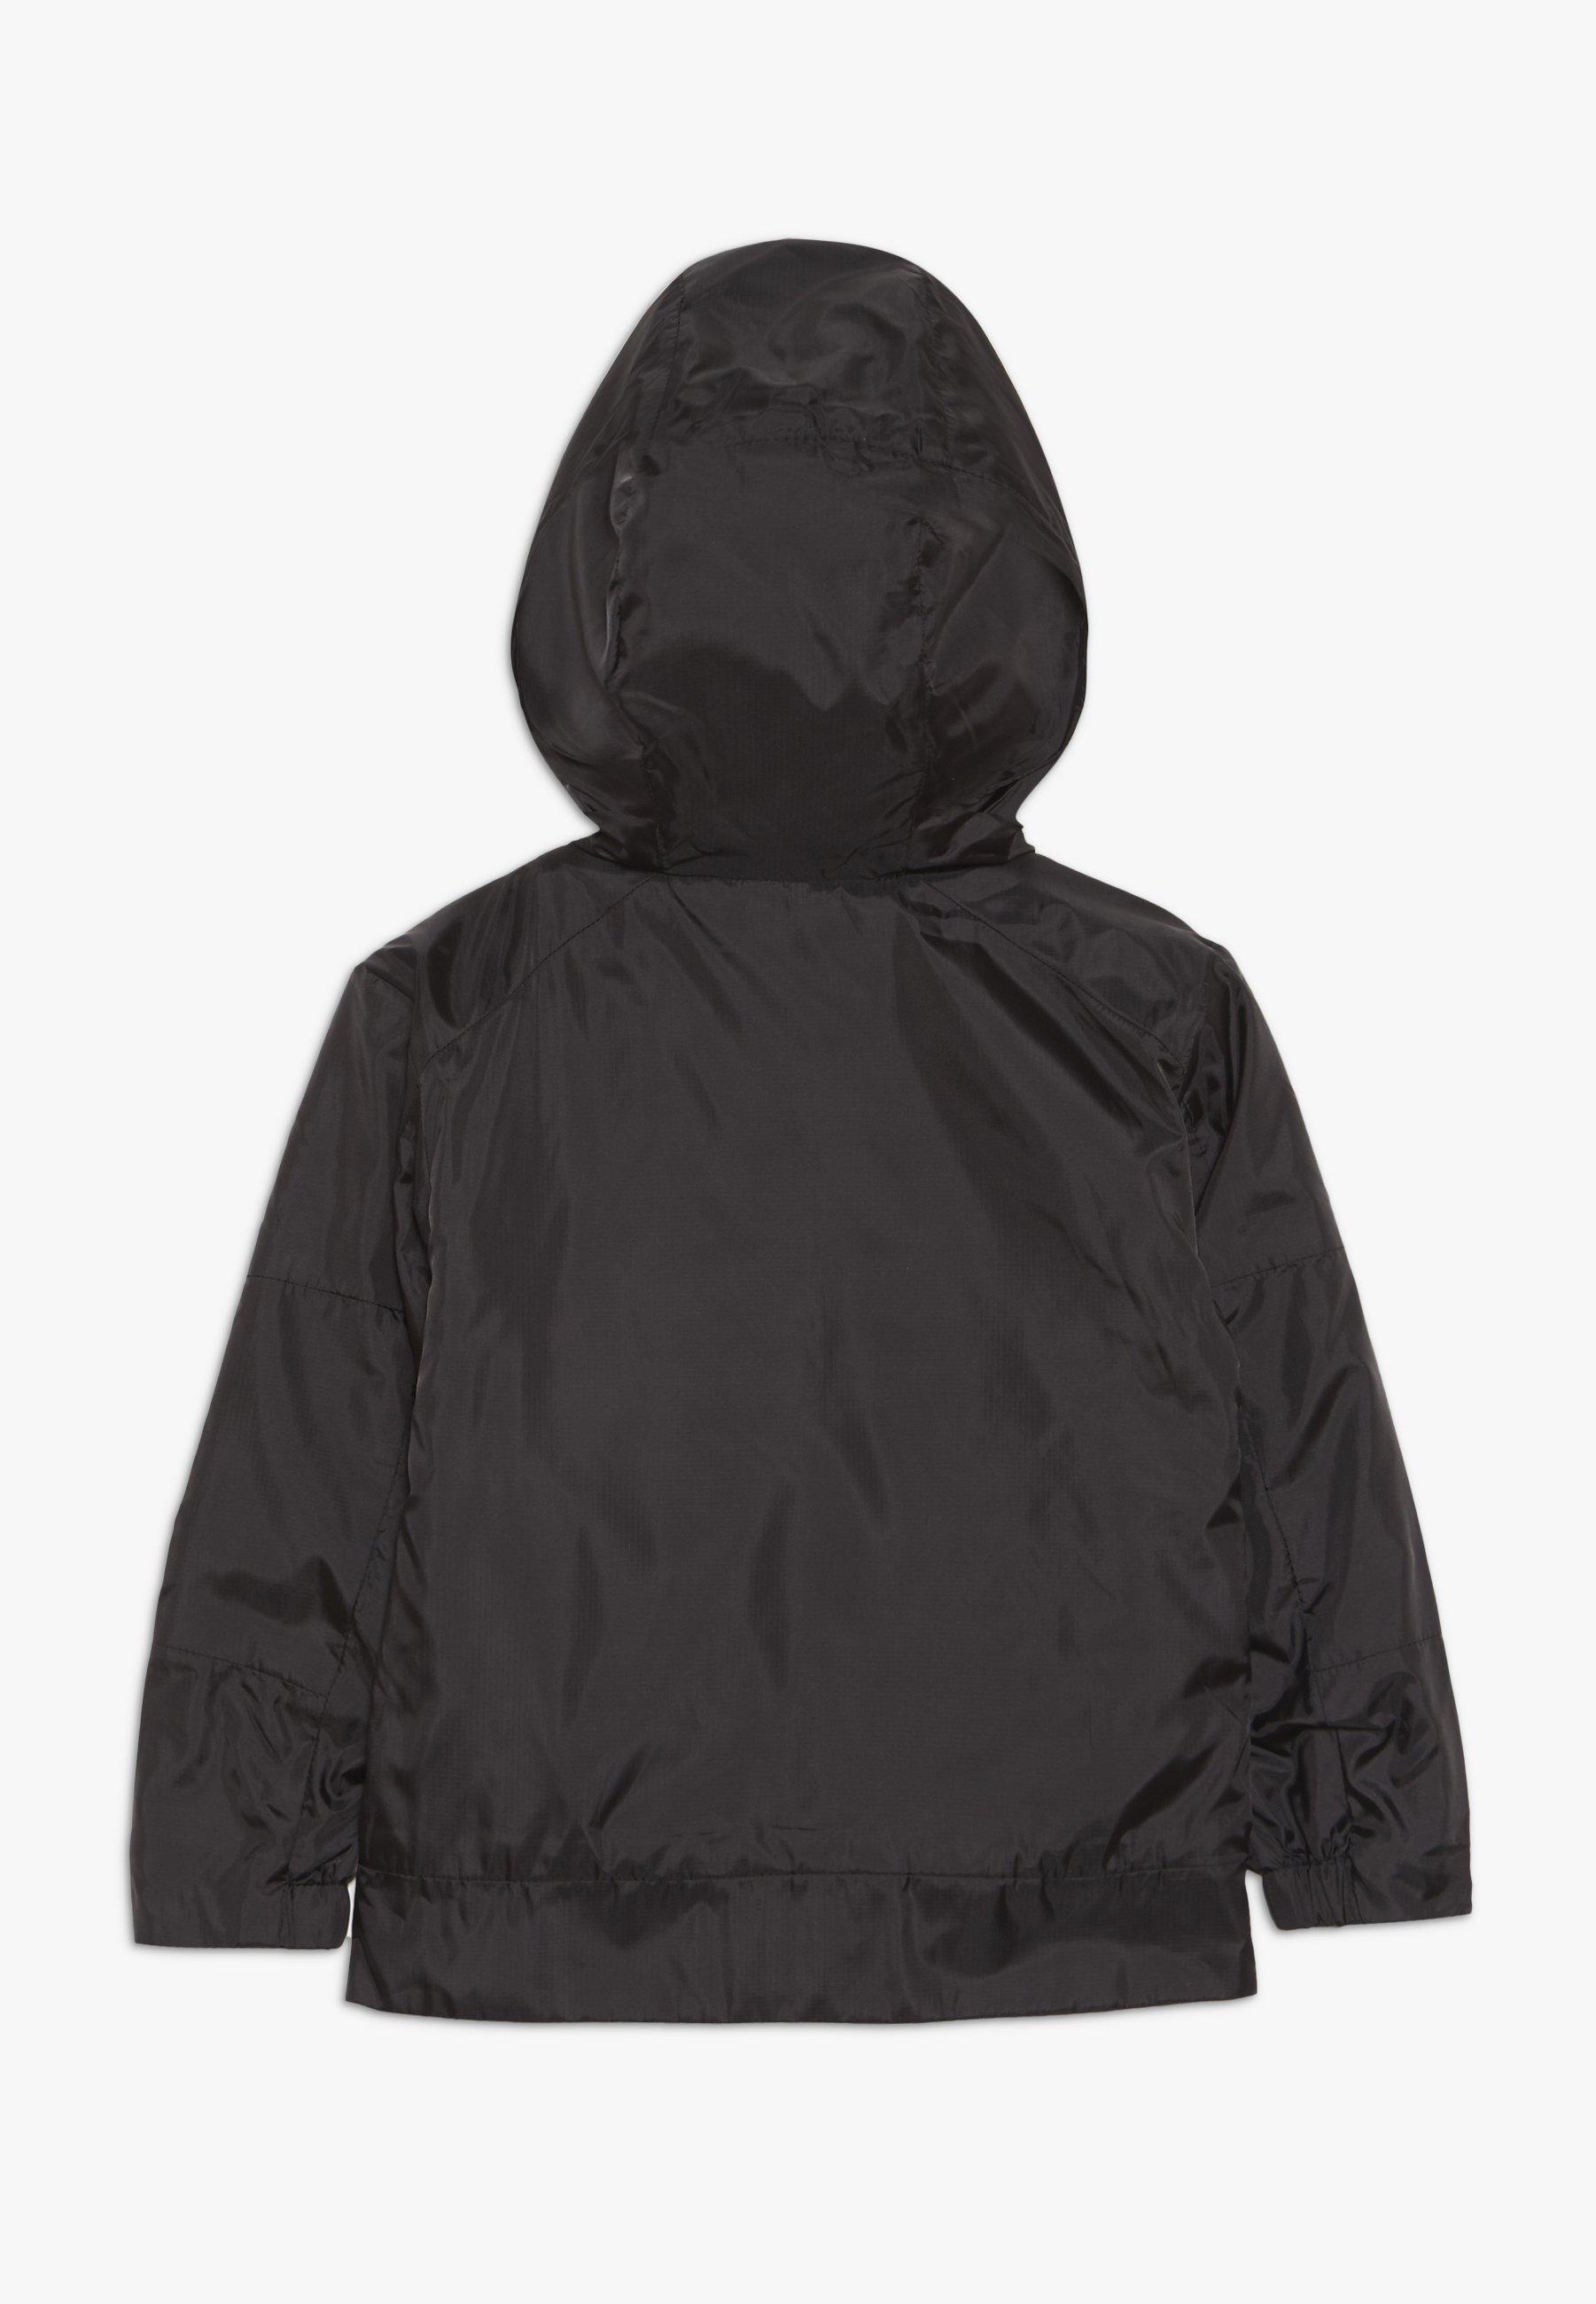 Nike Sportswear Välikausitakki - black 4KzYjvDK